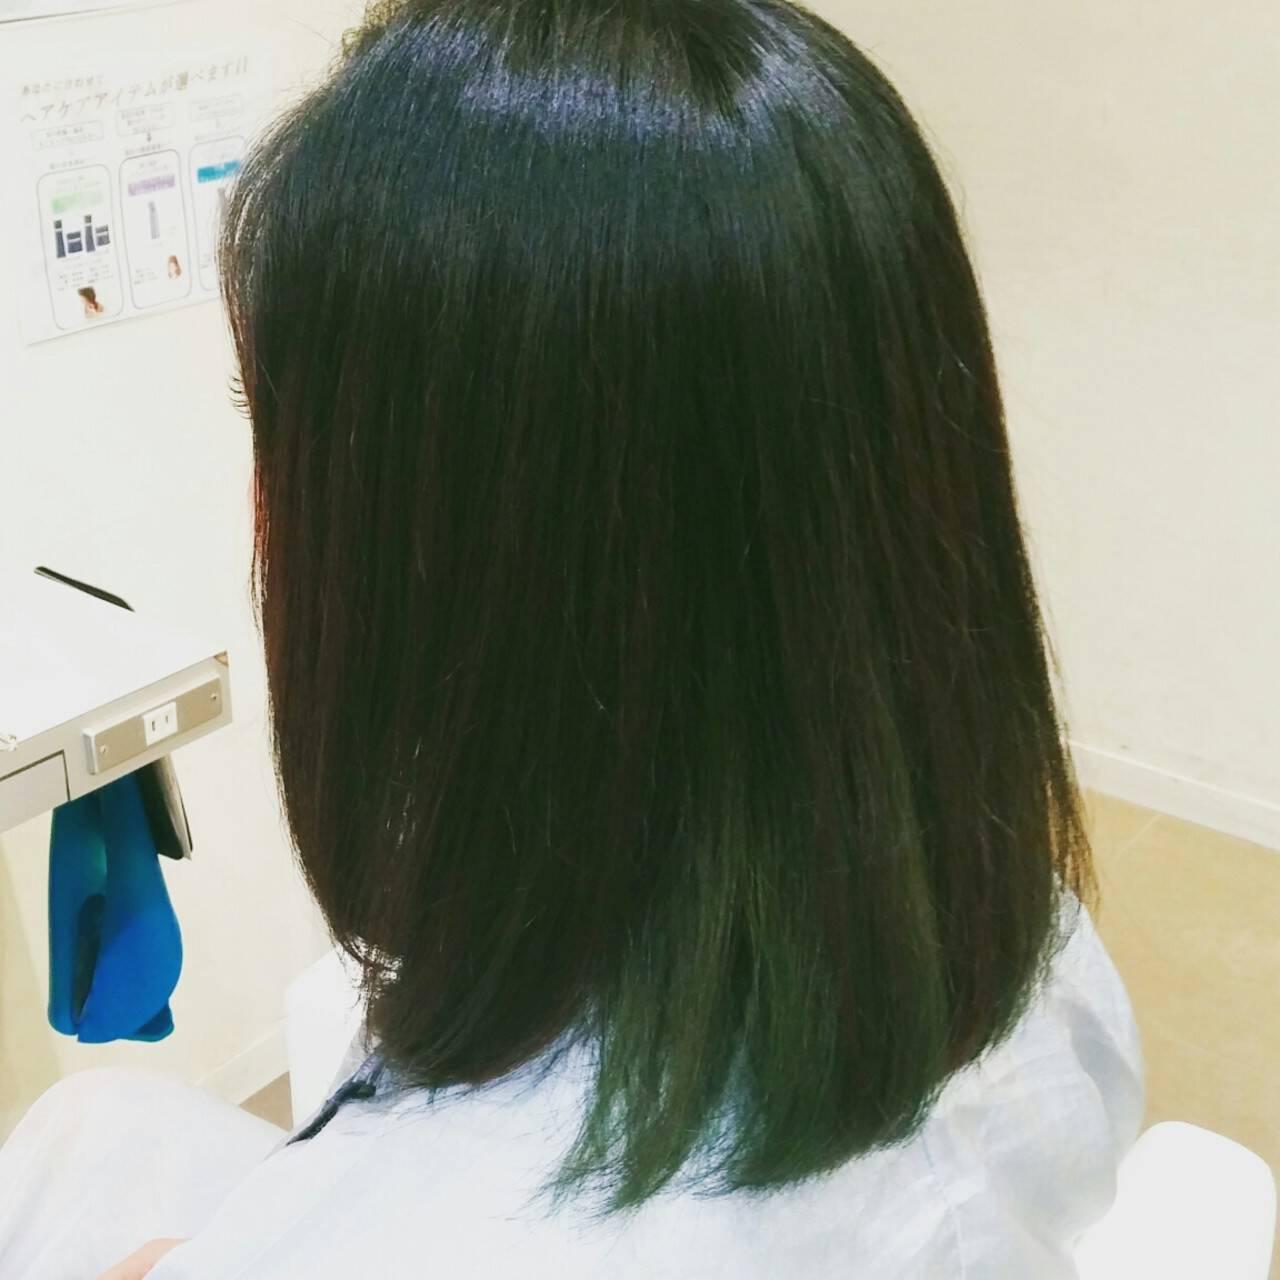 ミディアム 黒髪 ストリート ロブヘアスタイルや髪型の写真・画像